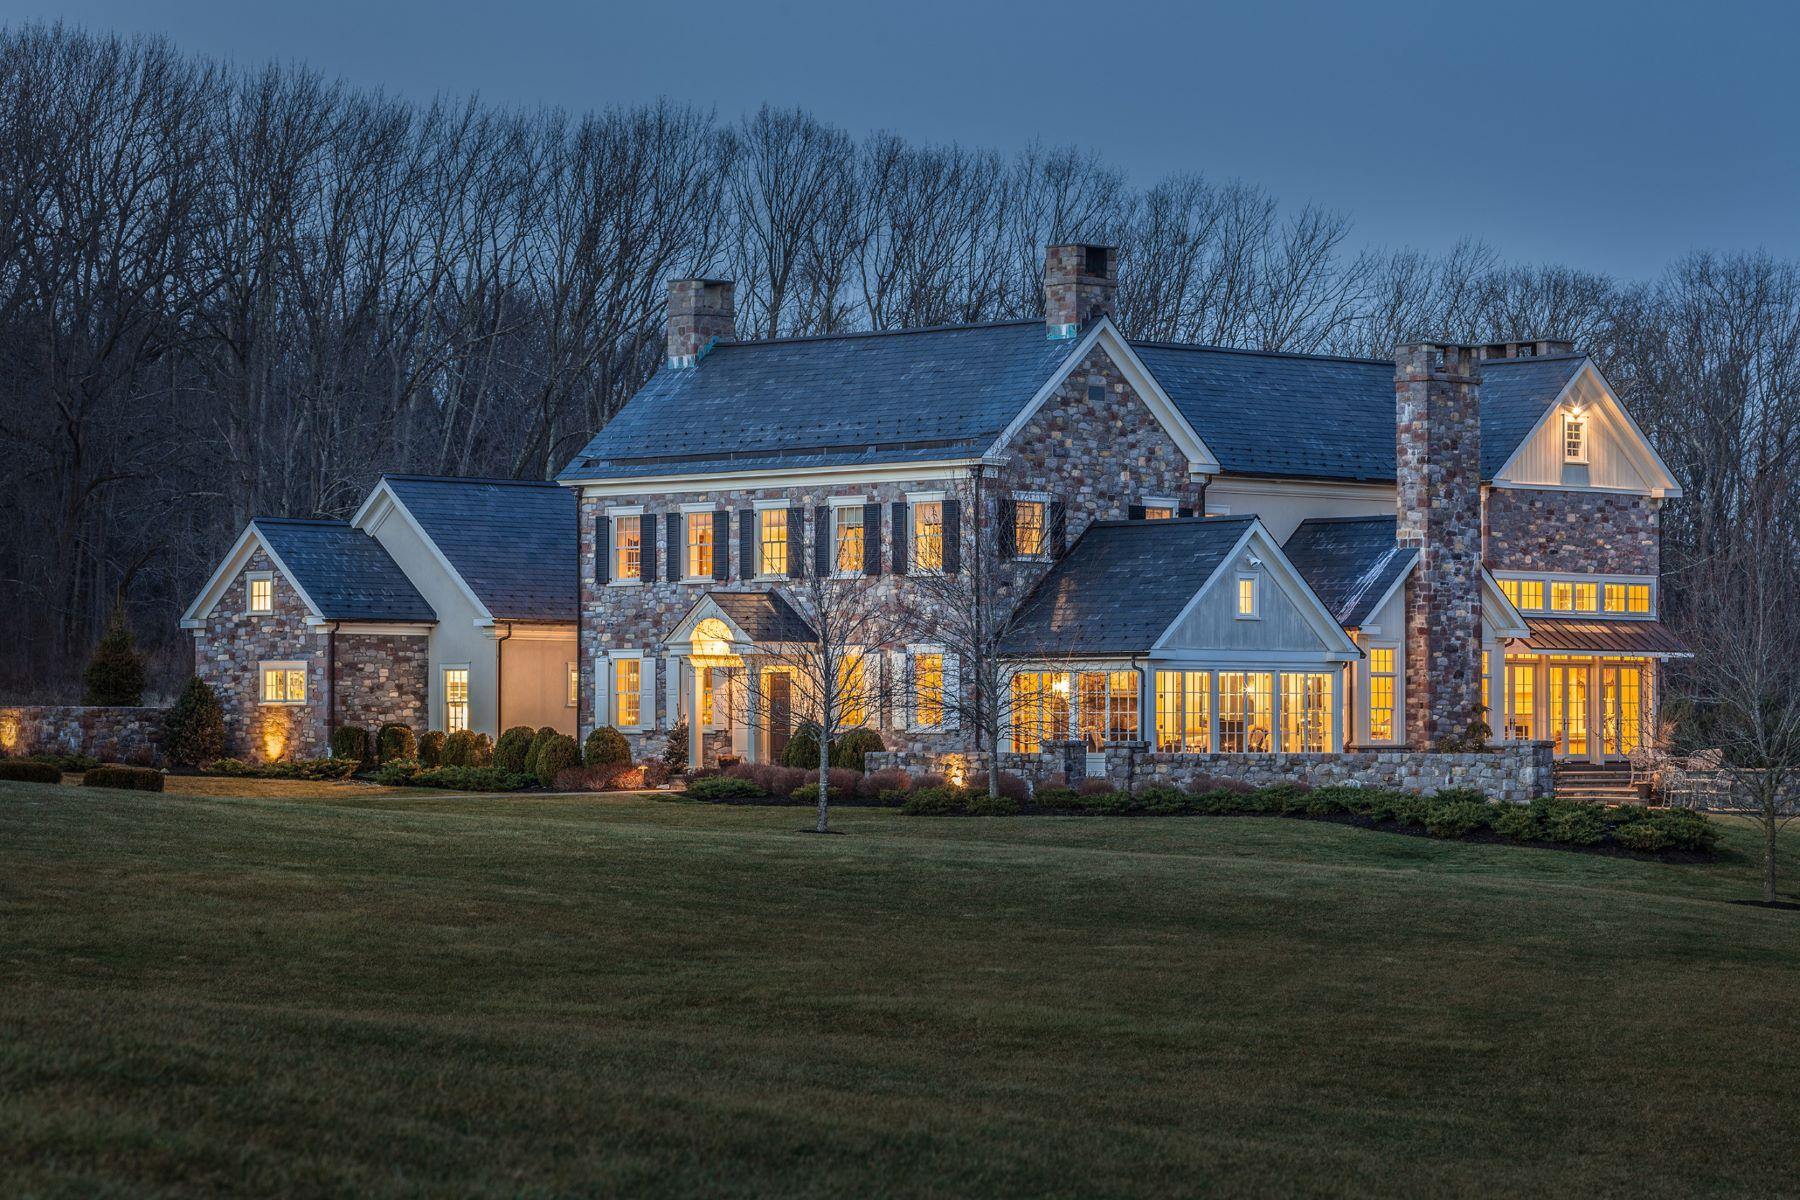 Частный односемейный дом для того Продажа на Bucks County Perfection 5811 RIDGEVIEW DR Doylestown, 18902 Соединенные Штаты